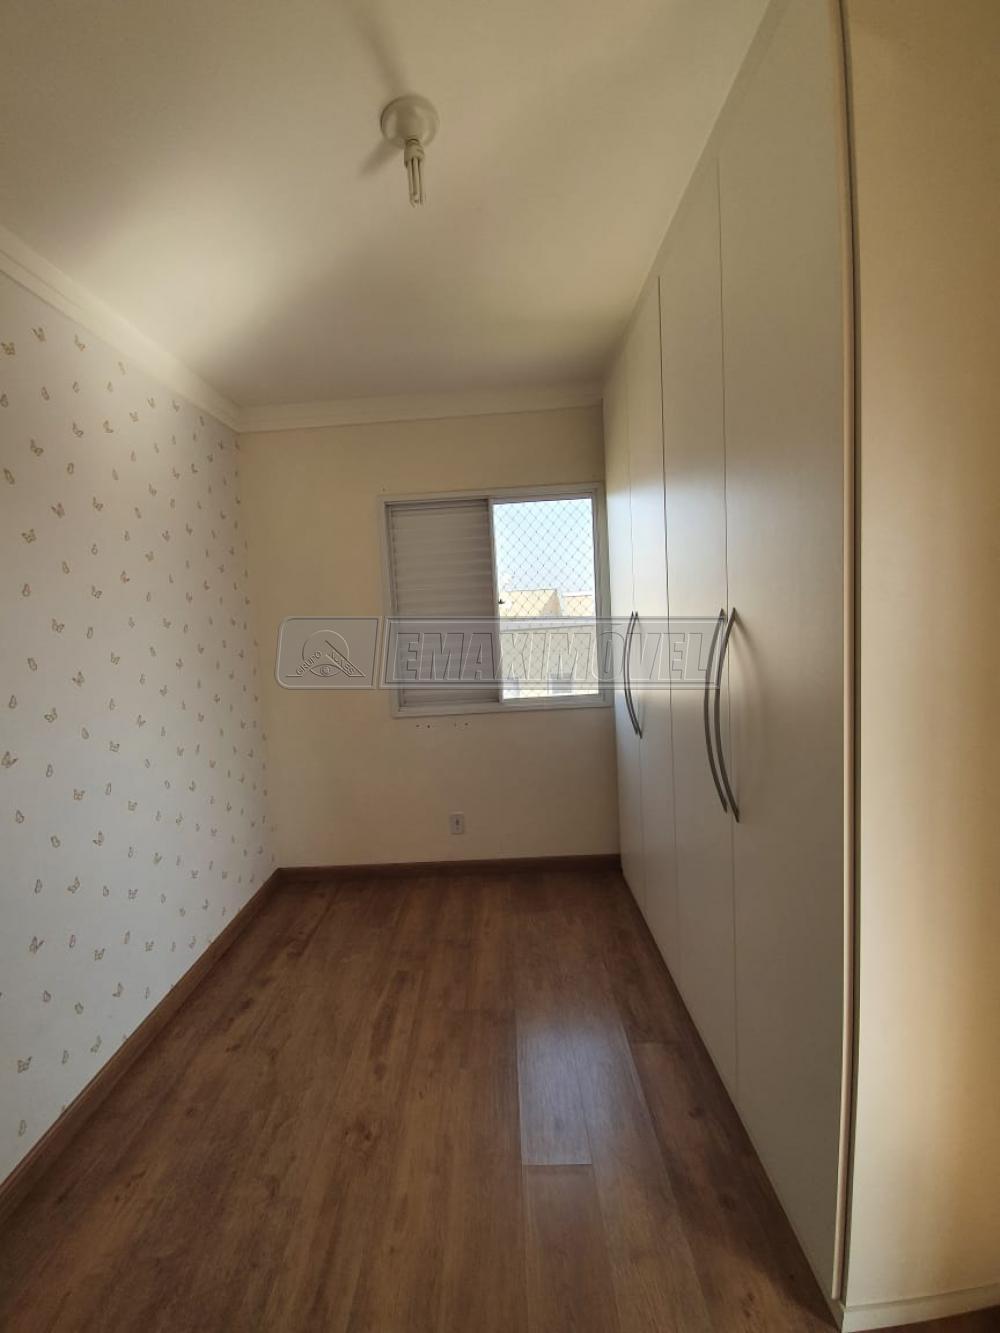 Comprar Apartamento / Padrão em Sorocaba R$ 162.000,00 - Foto 10